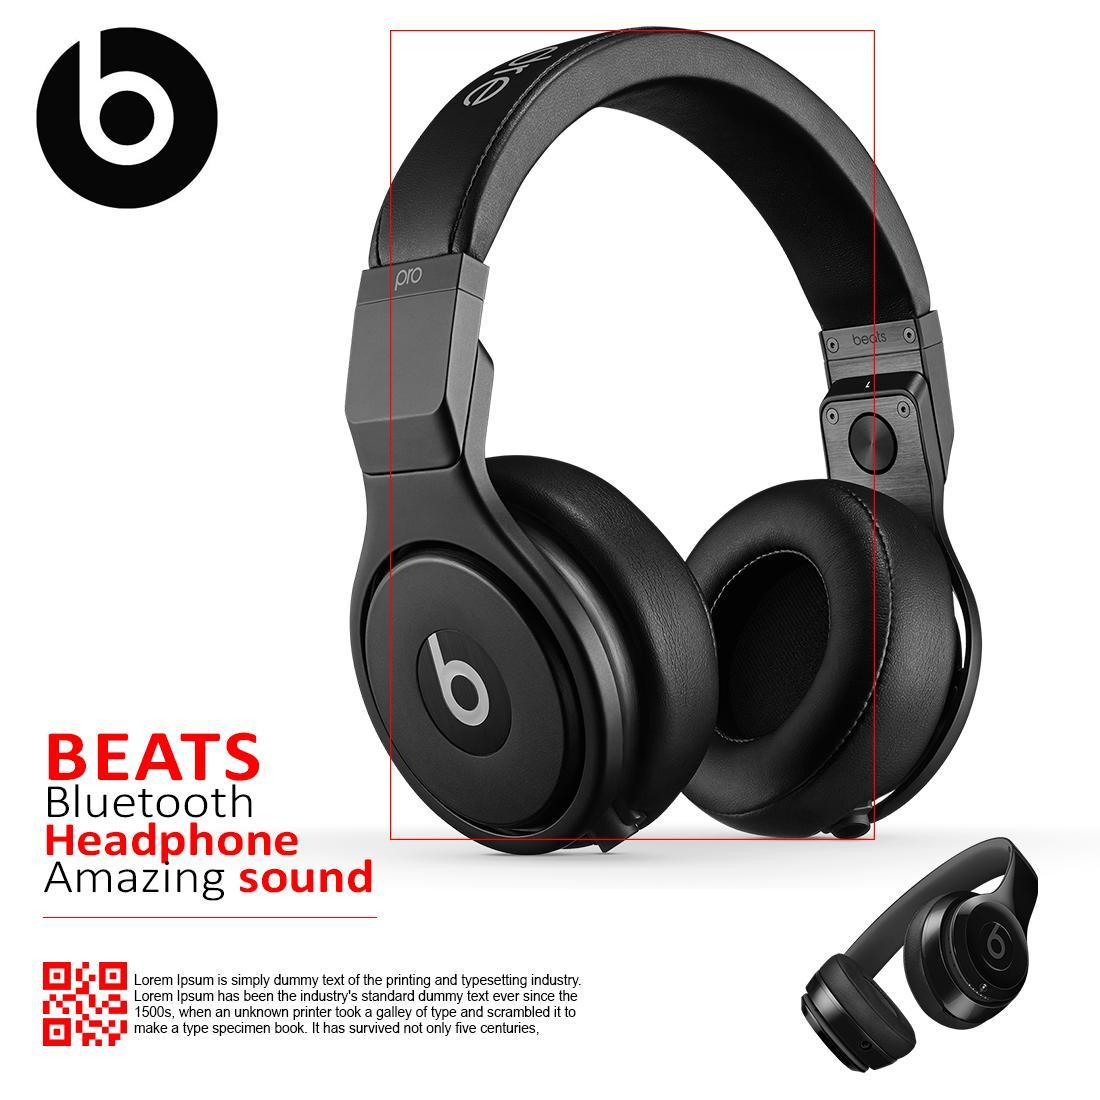 2d94ddbdced Beats by Dr Dre Online Store in Pakistan - Daraz.pk